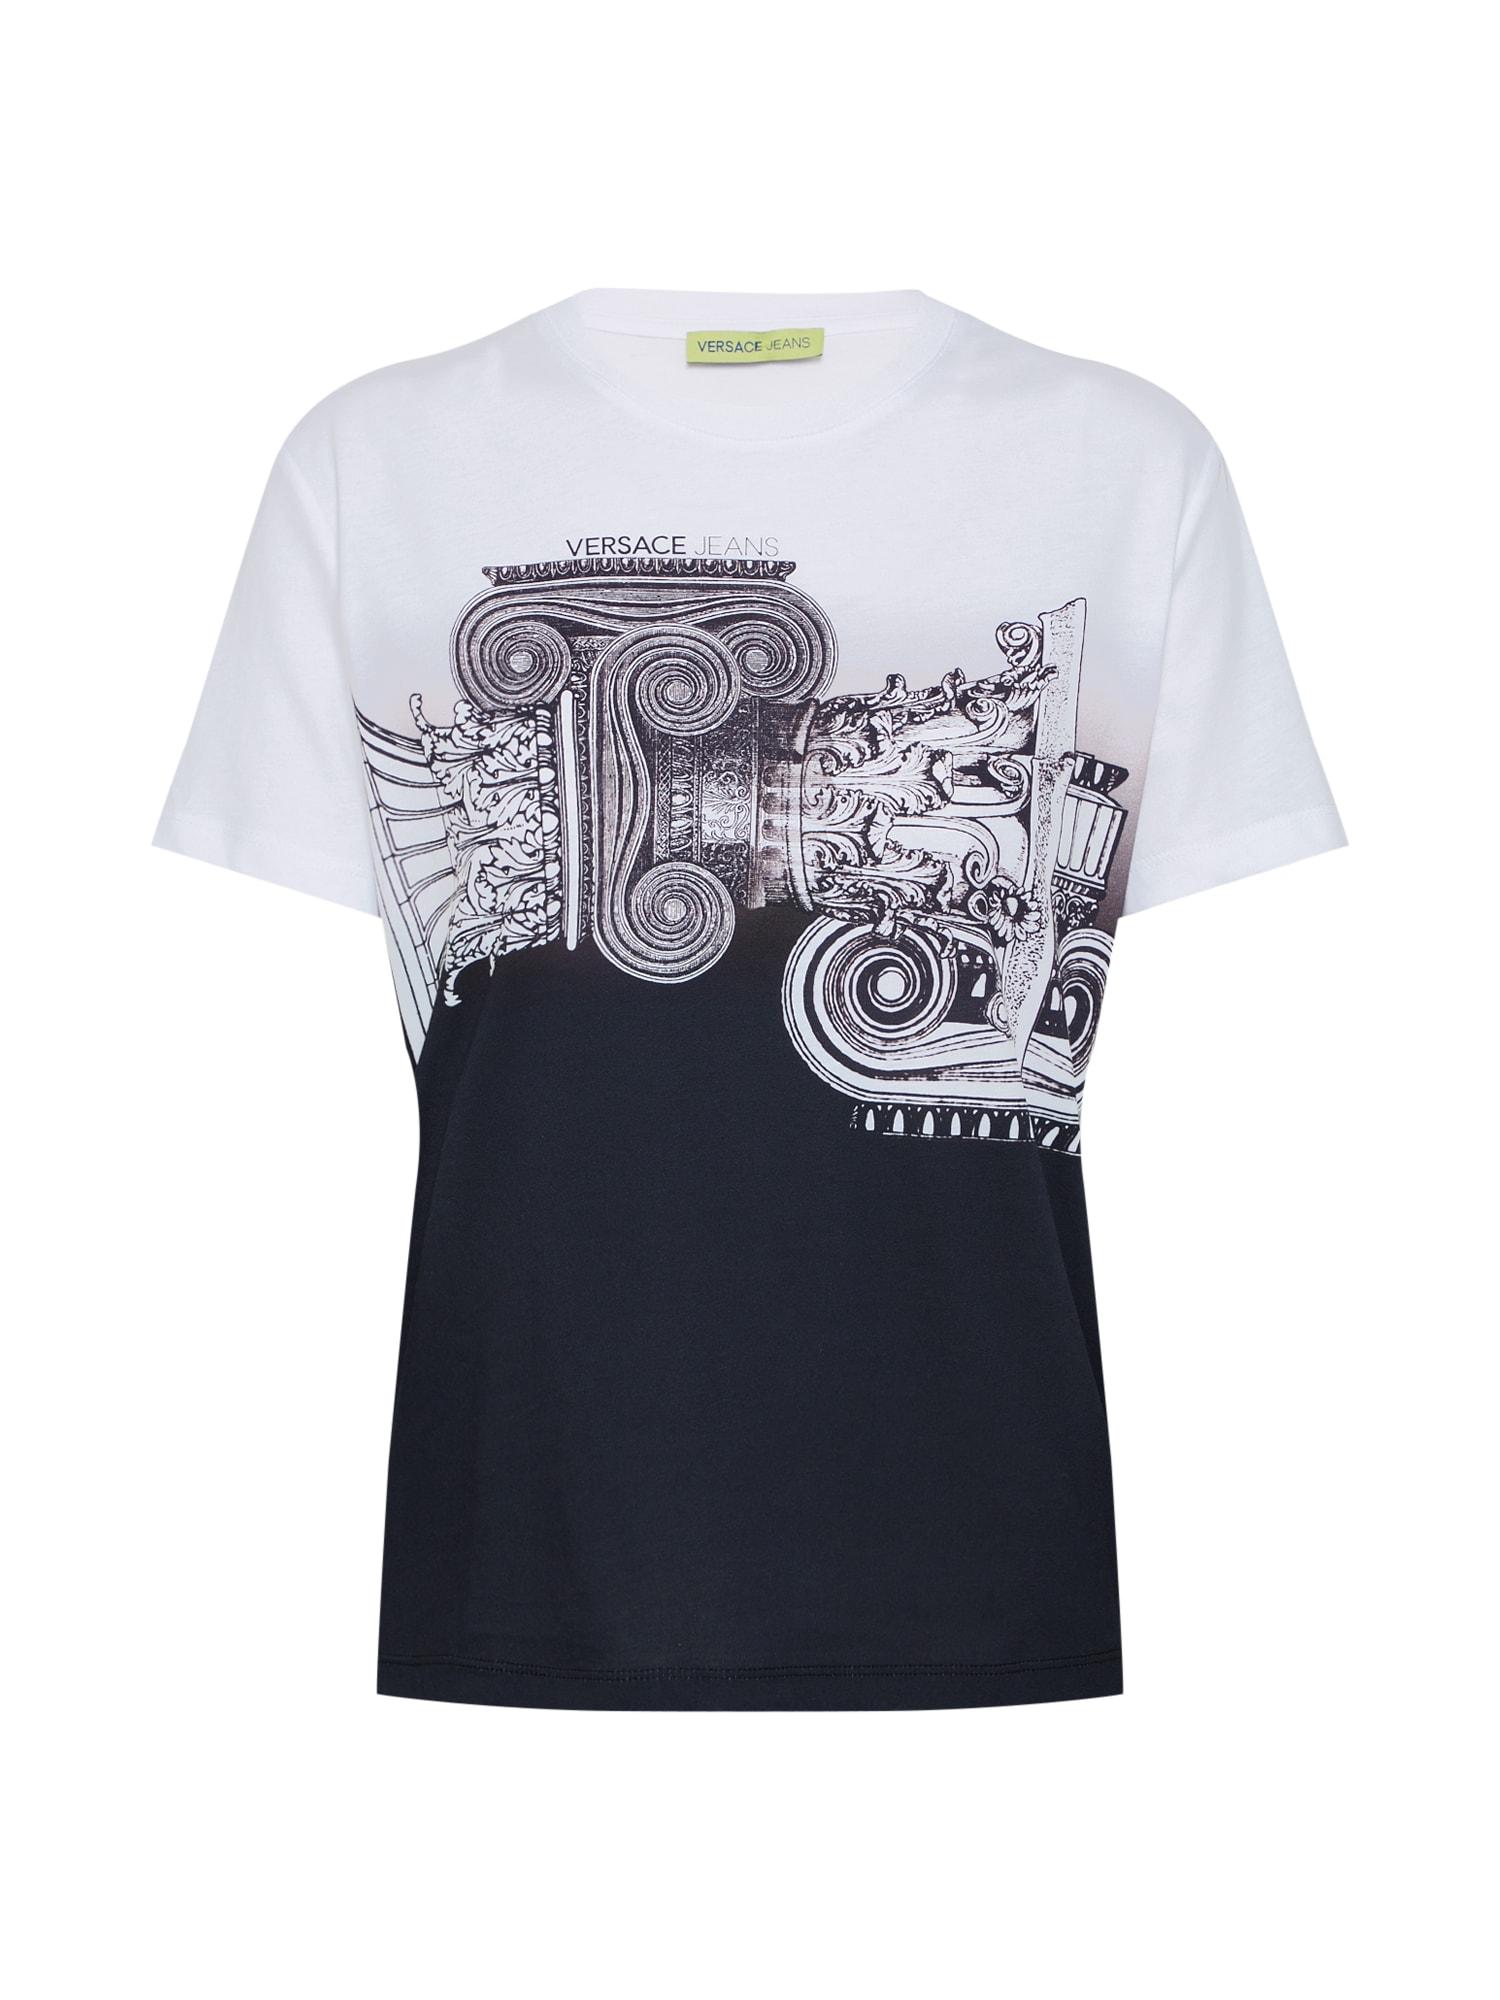 Tričko TDM613 černá bílá Versace Jeans